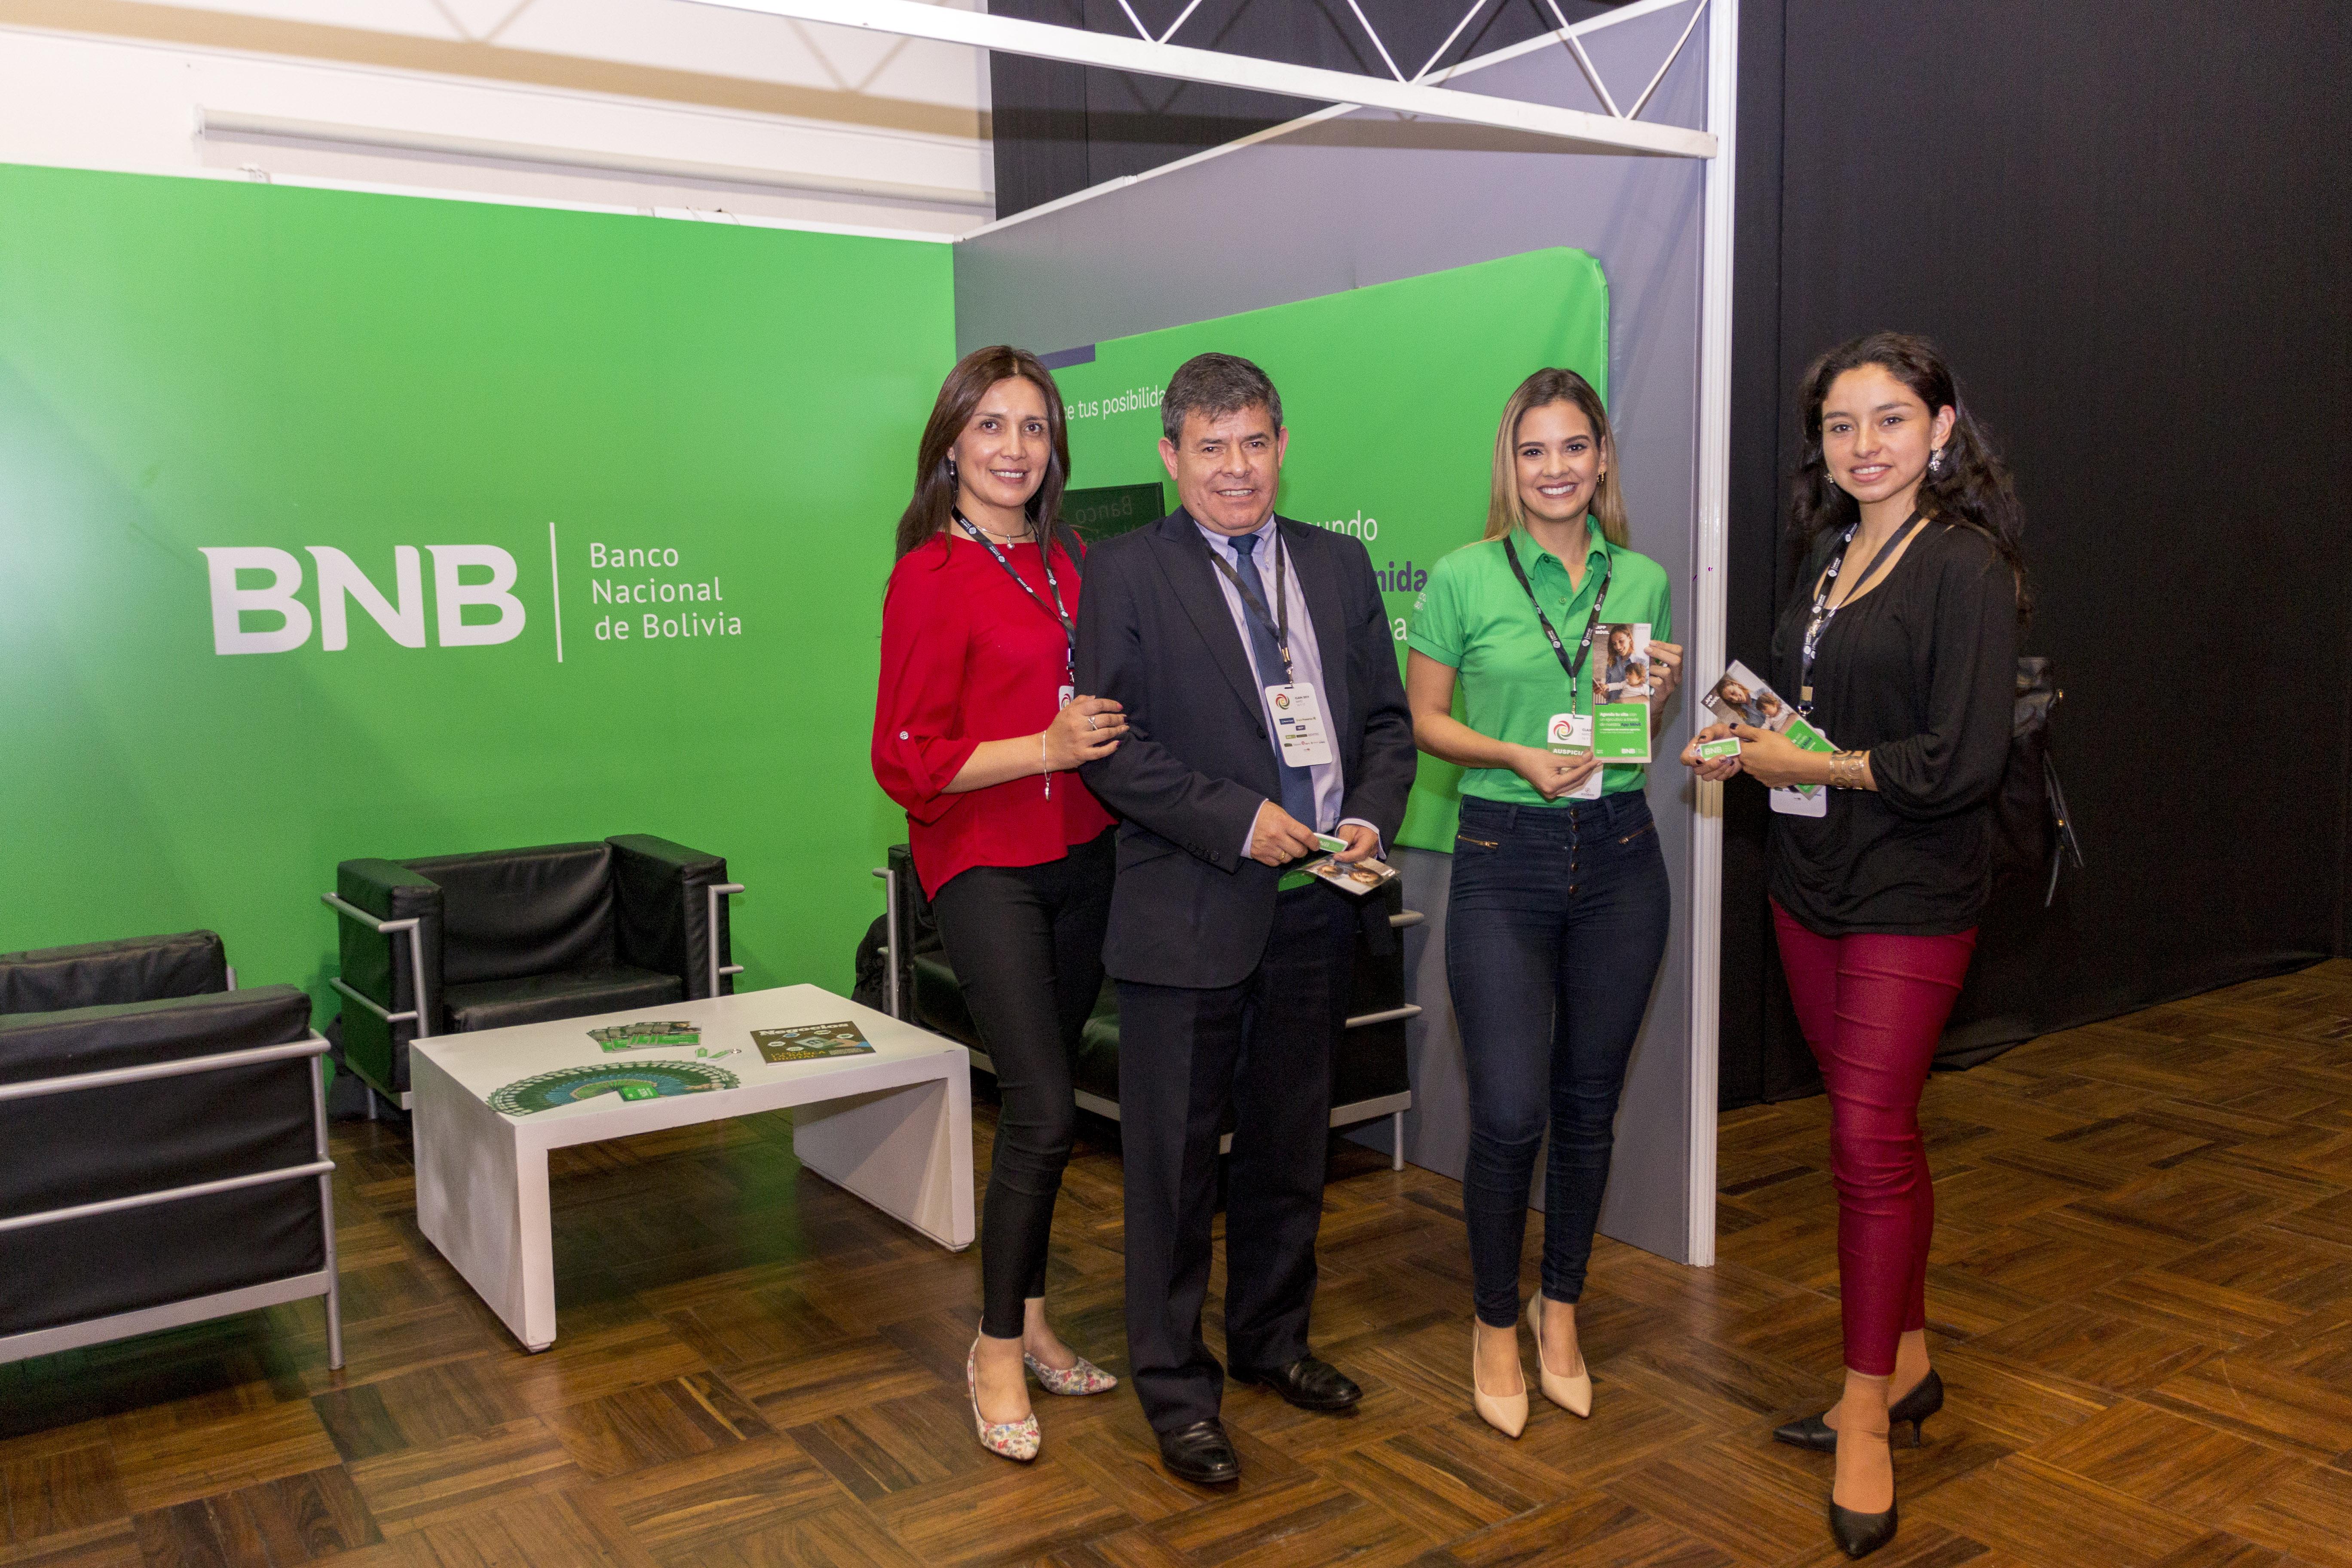 BNB auspició el XXIII Congreso Latinoamericano  de Auditoria y Evaluación de Riesgos